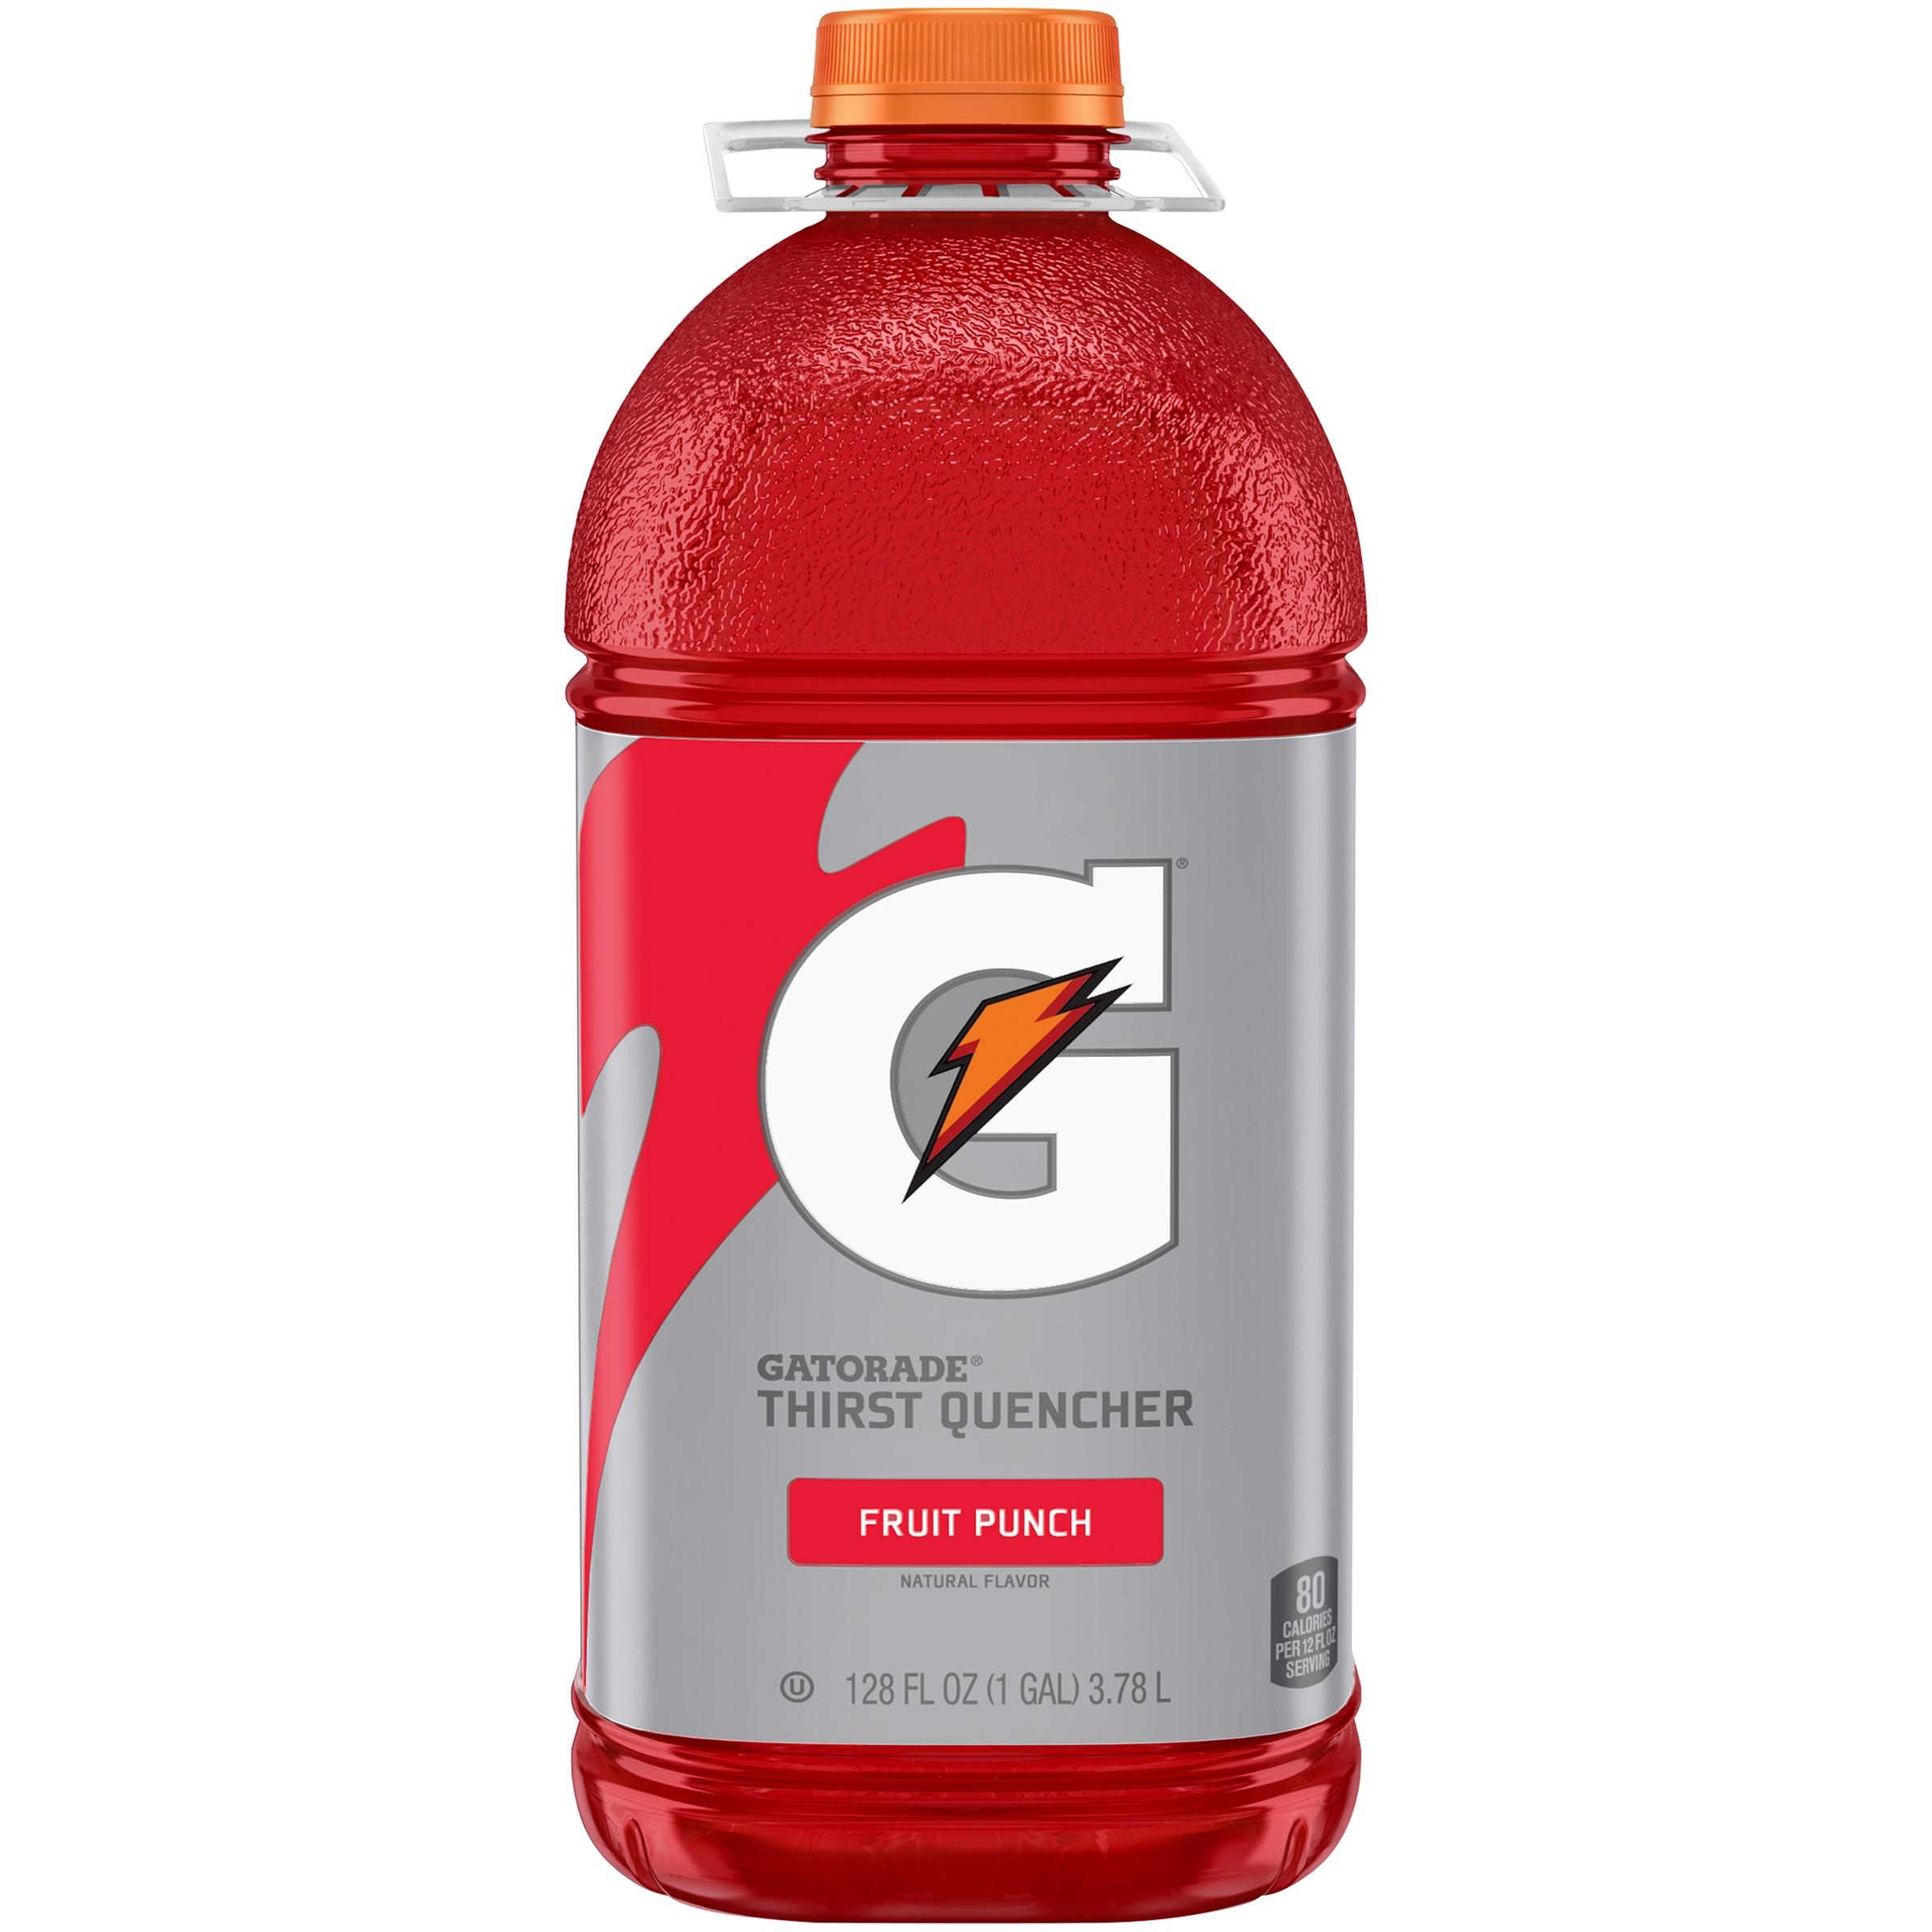 Gatorade; G Series; Thirst Quencher Sports Drink, Fruit Punch, 128 fl oz Bottle